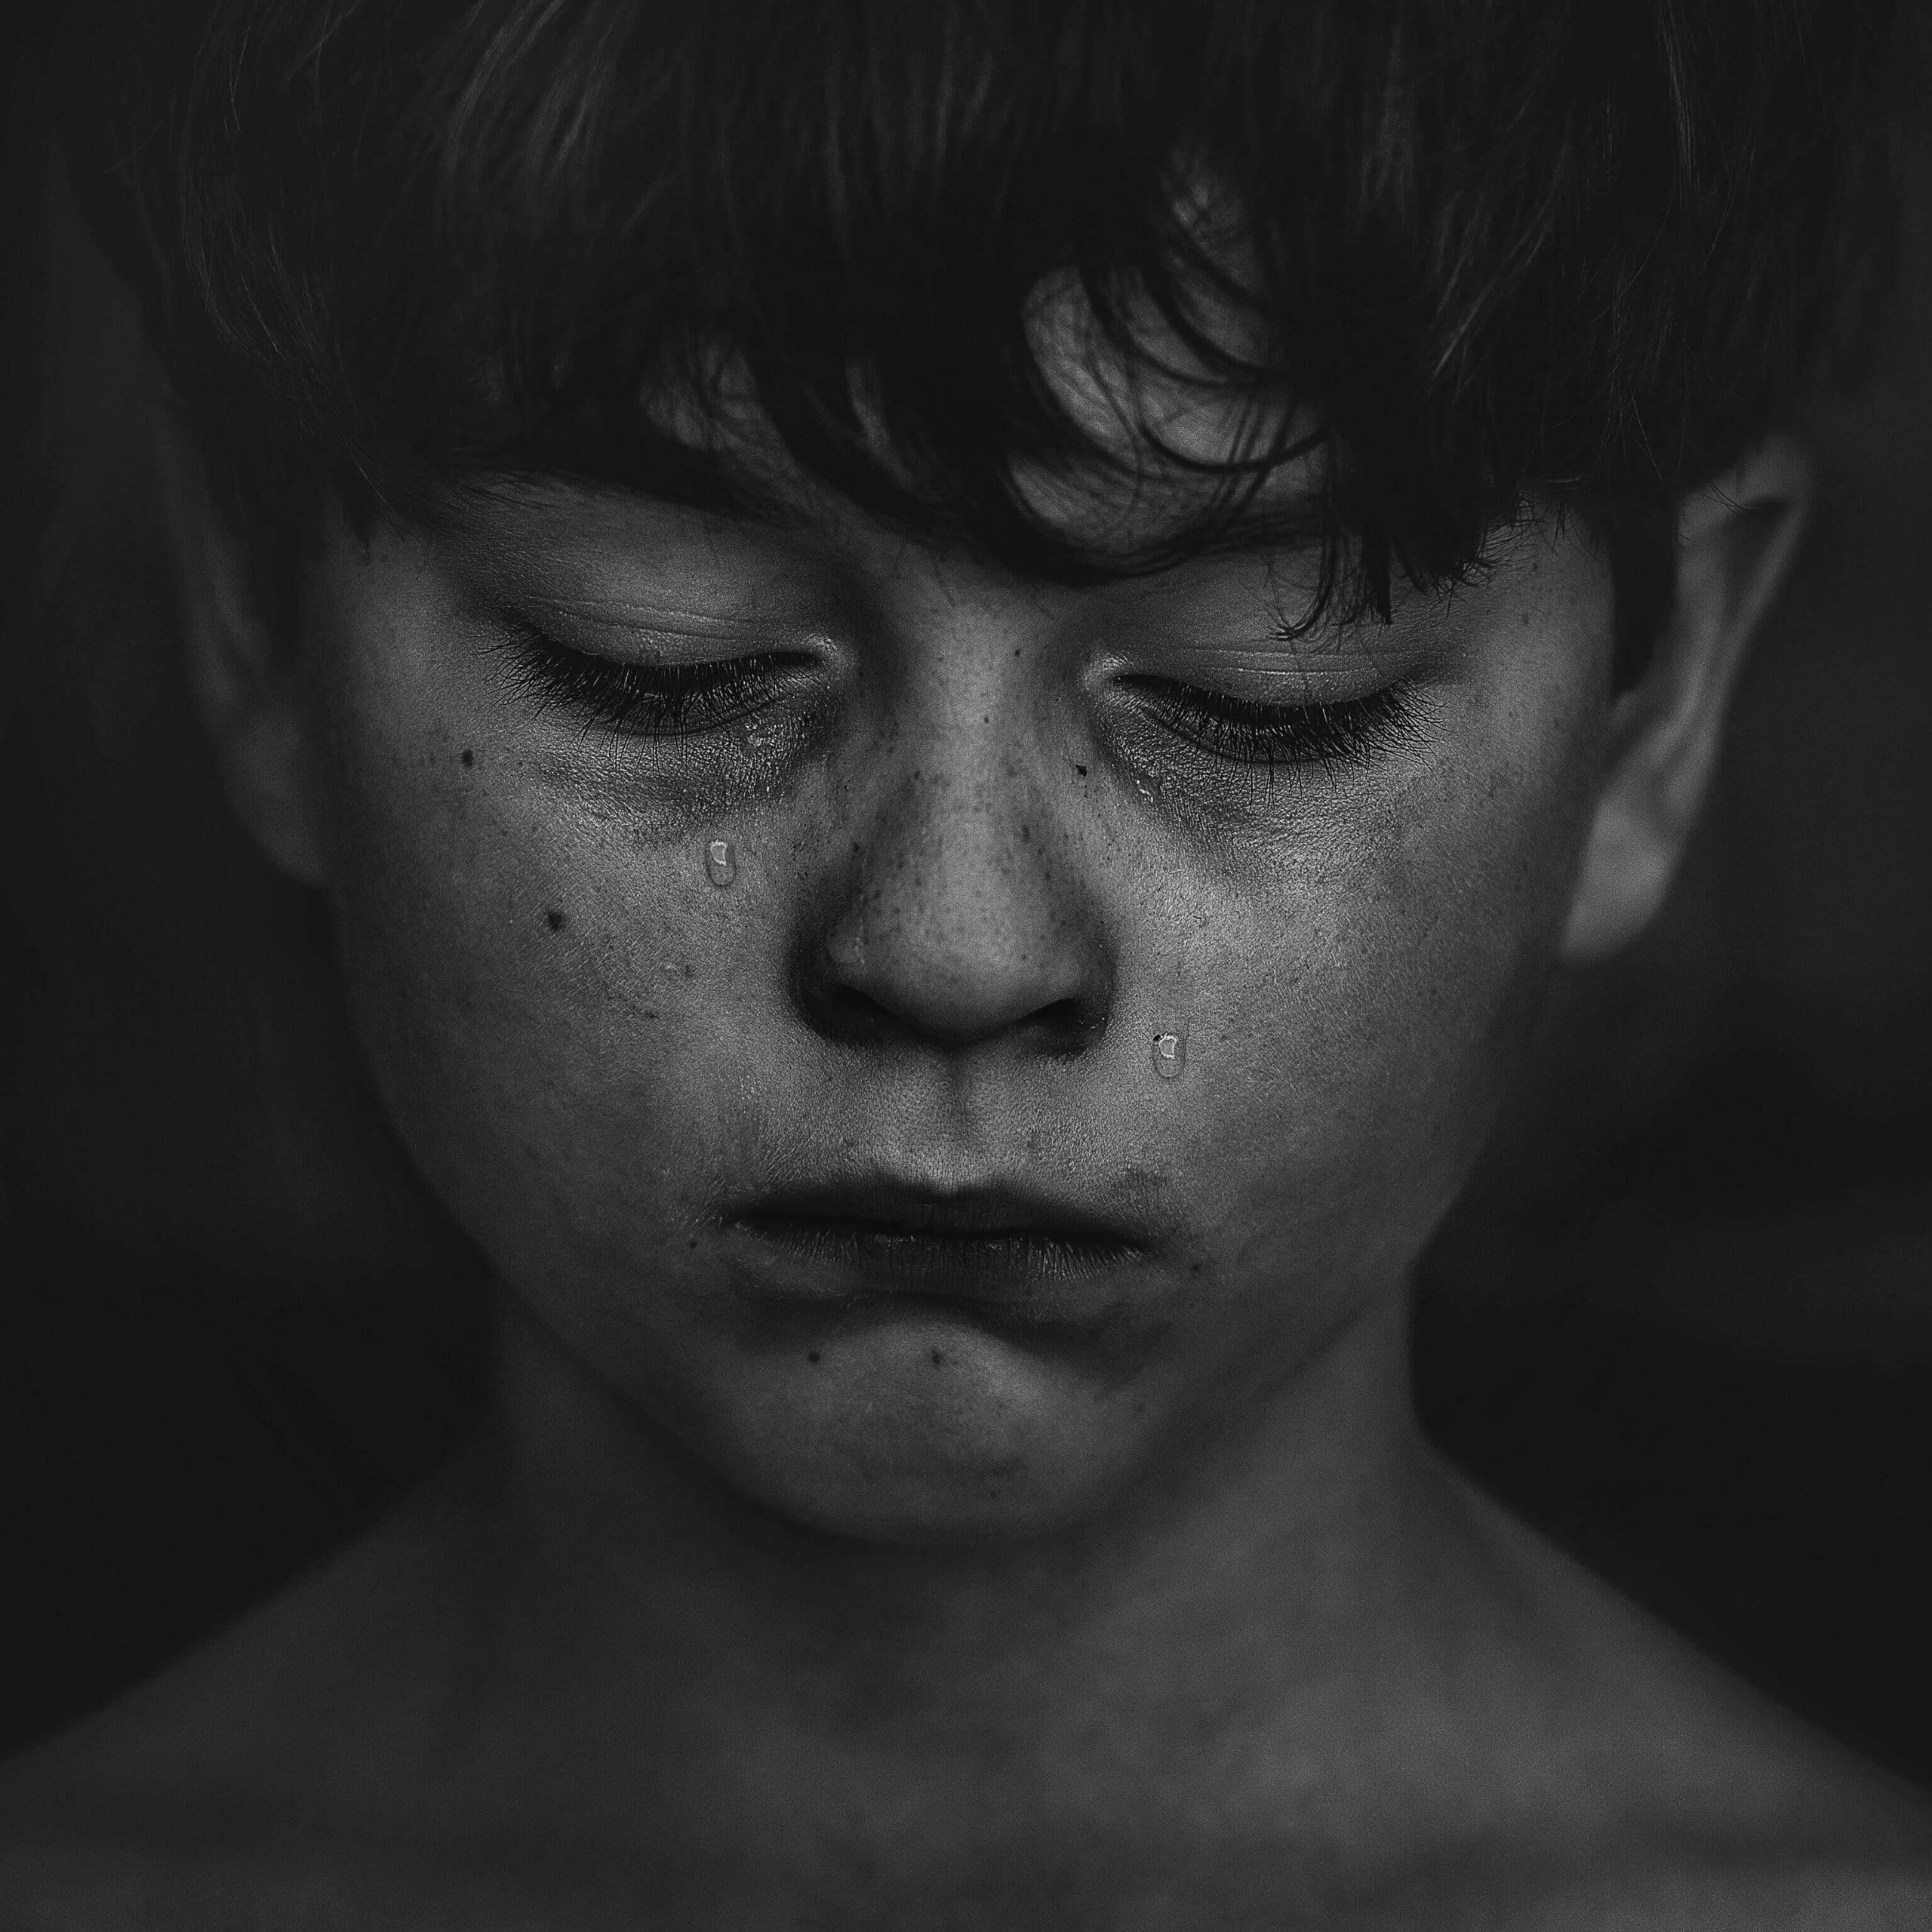 Kinderen van ouders met psychiatrische problematiek